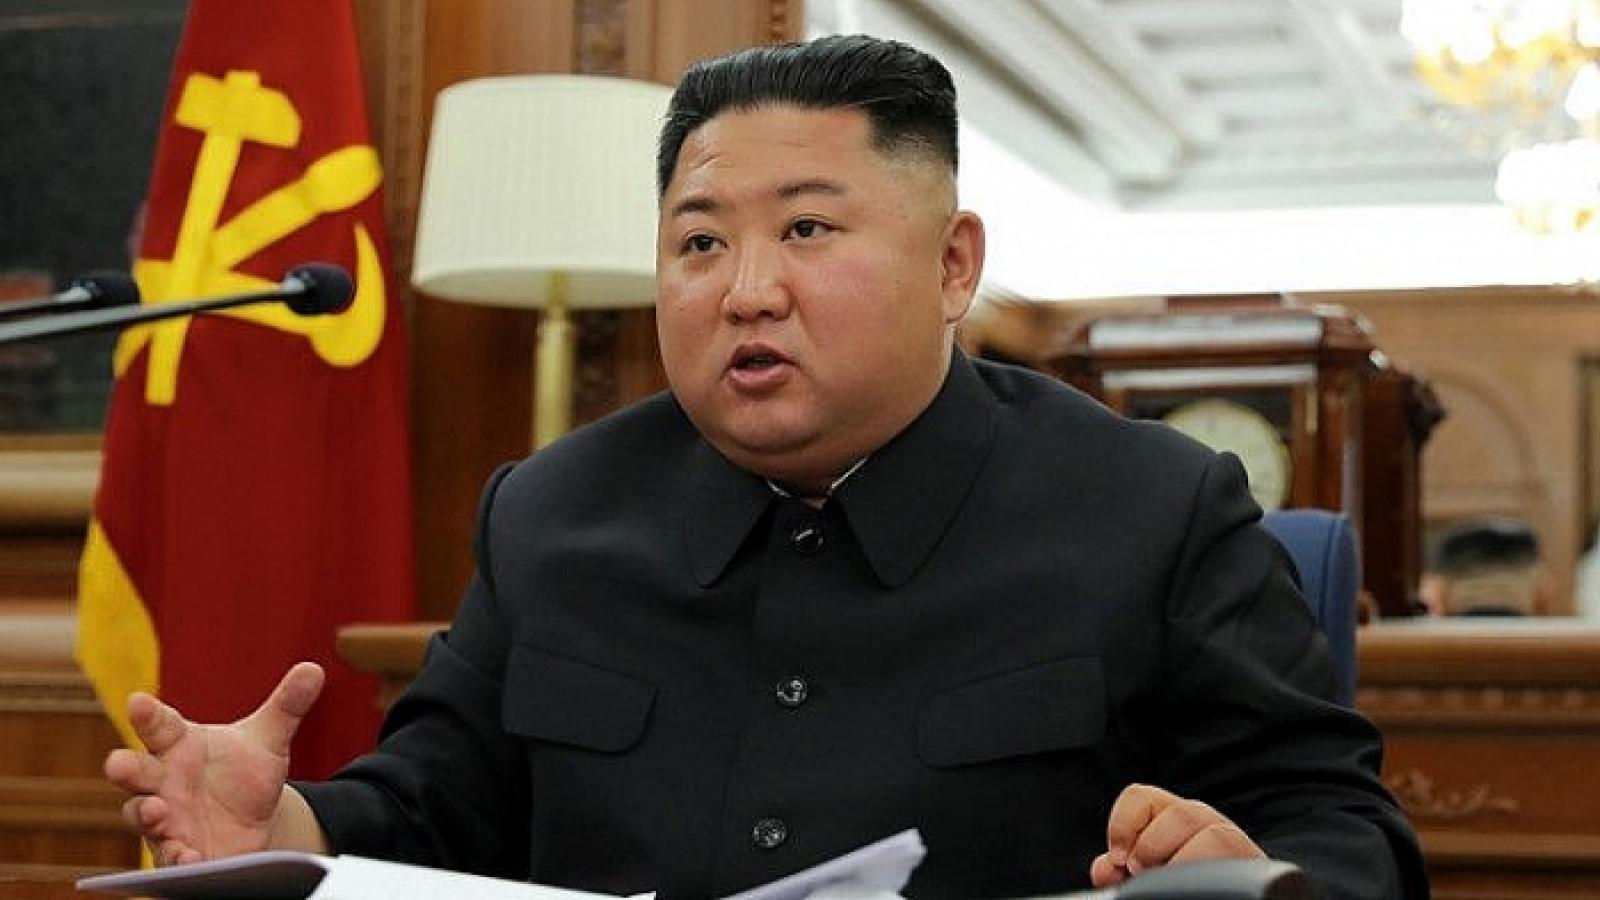 Chủ tịch Triều Tiên Kim Jong Un gửi điện chúc mừng Chủ tịch nước Nguyễn Xuân Phúc